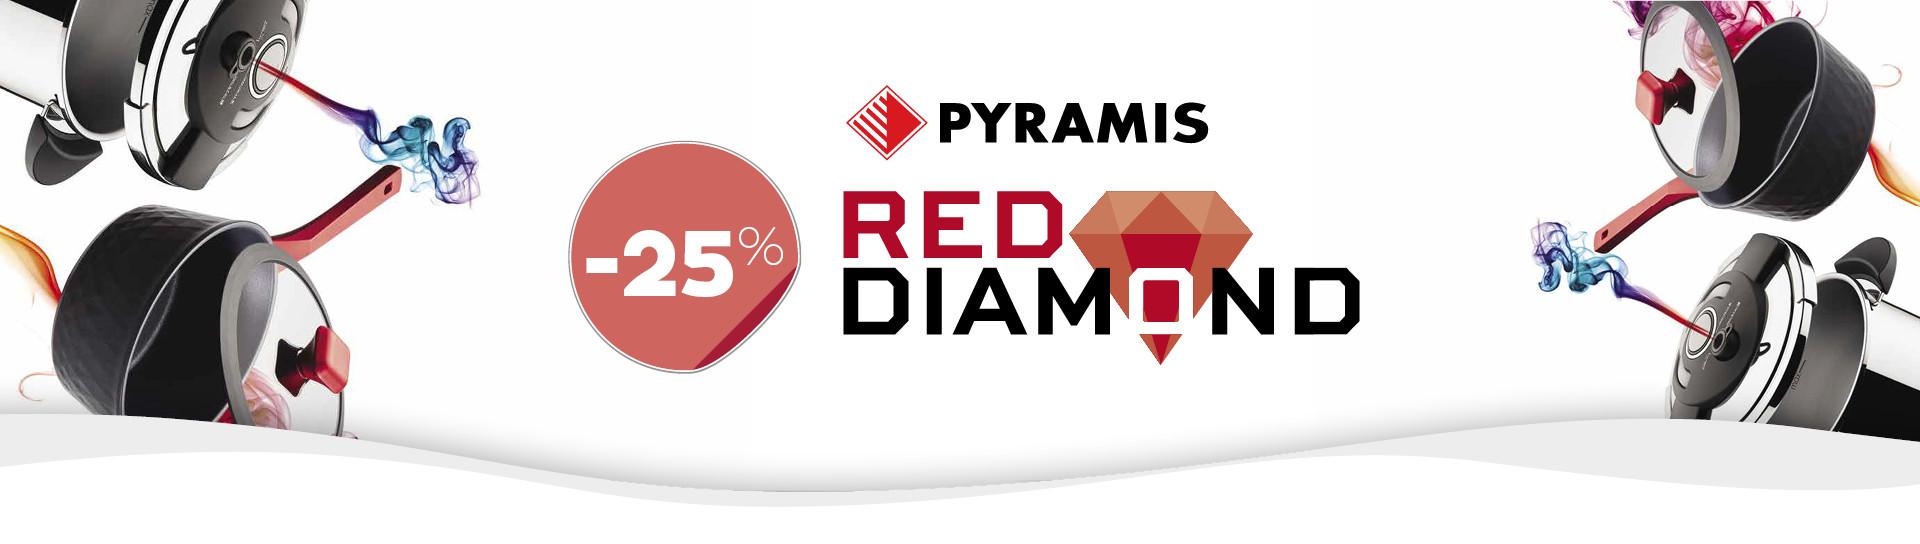 PYRAMIS RED DIAMOND